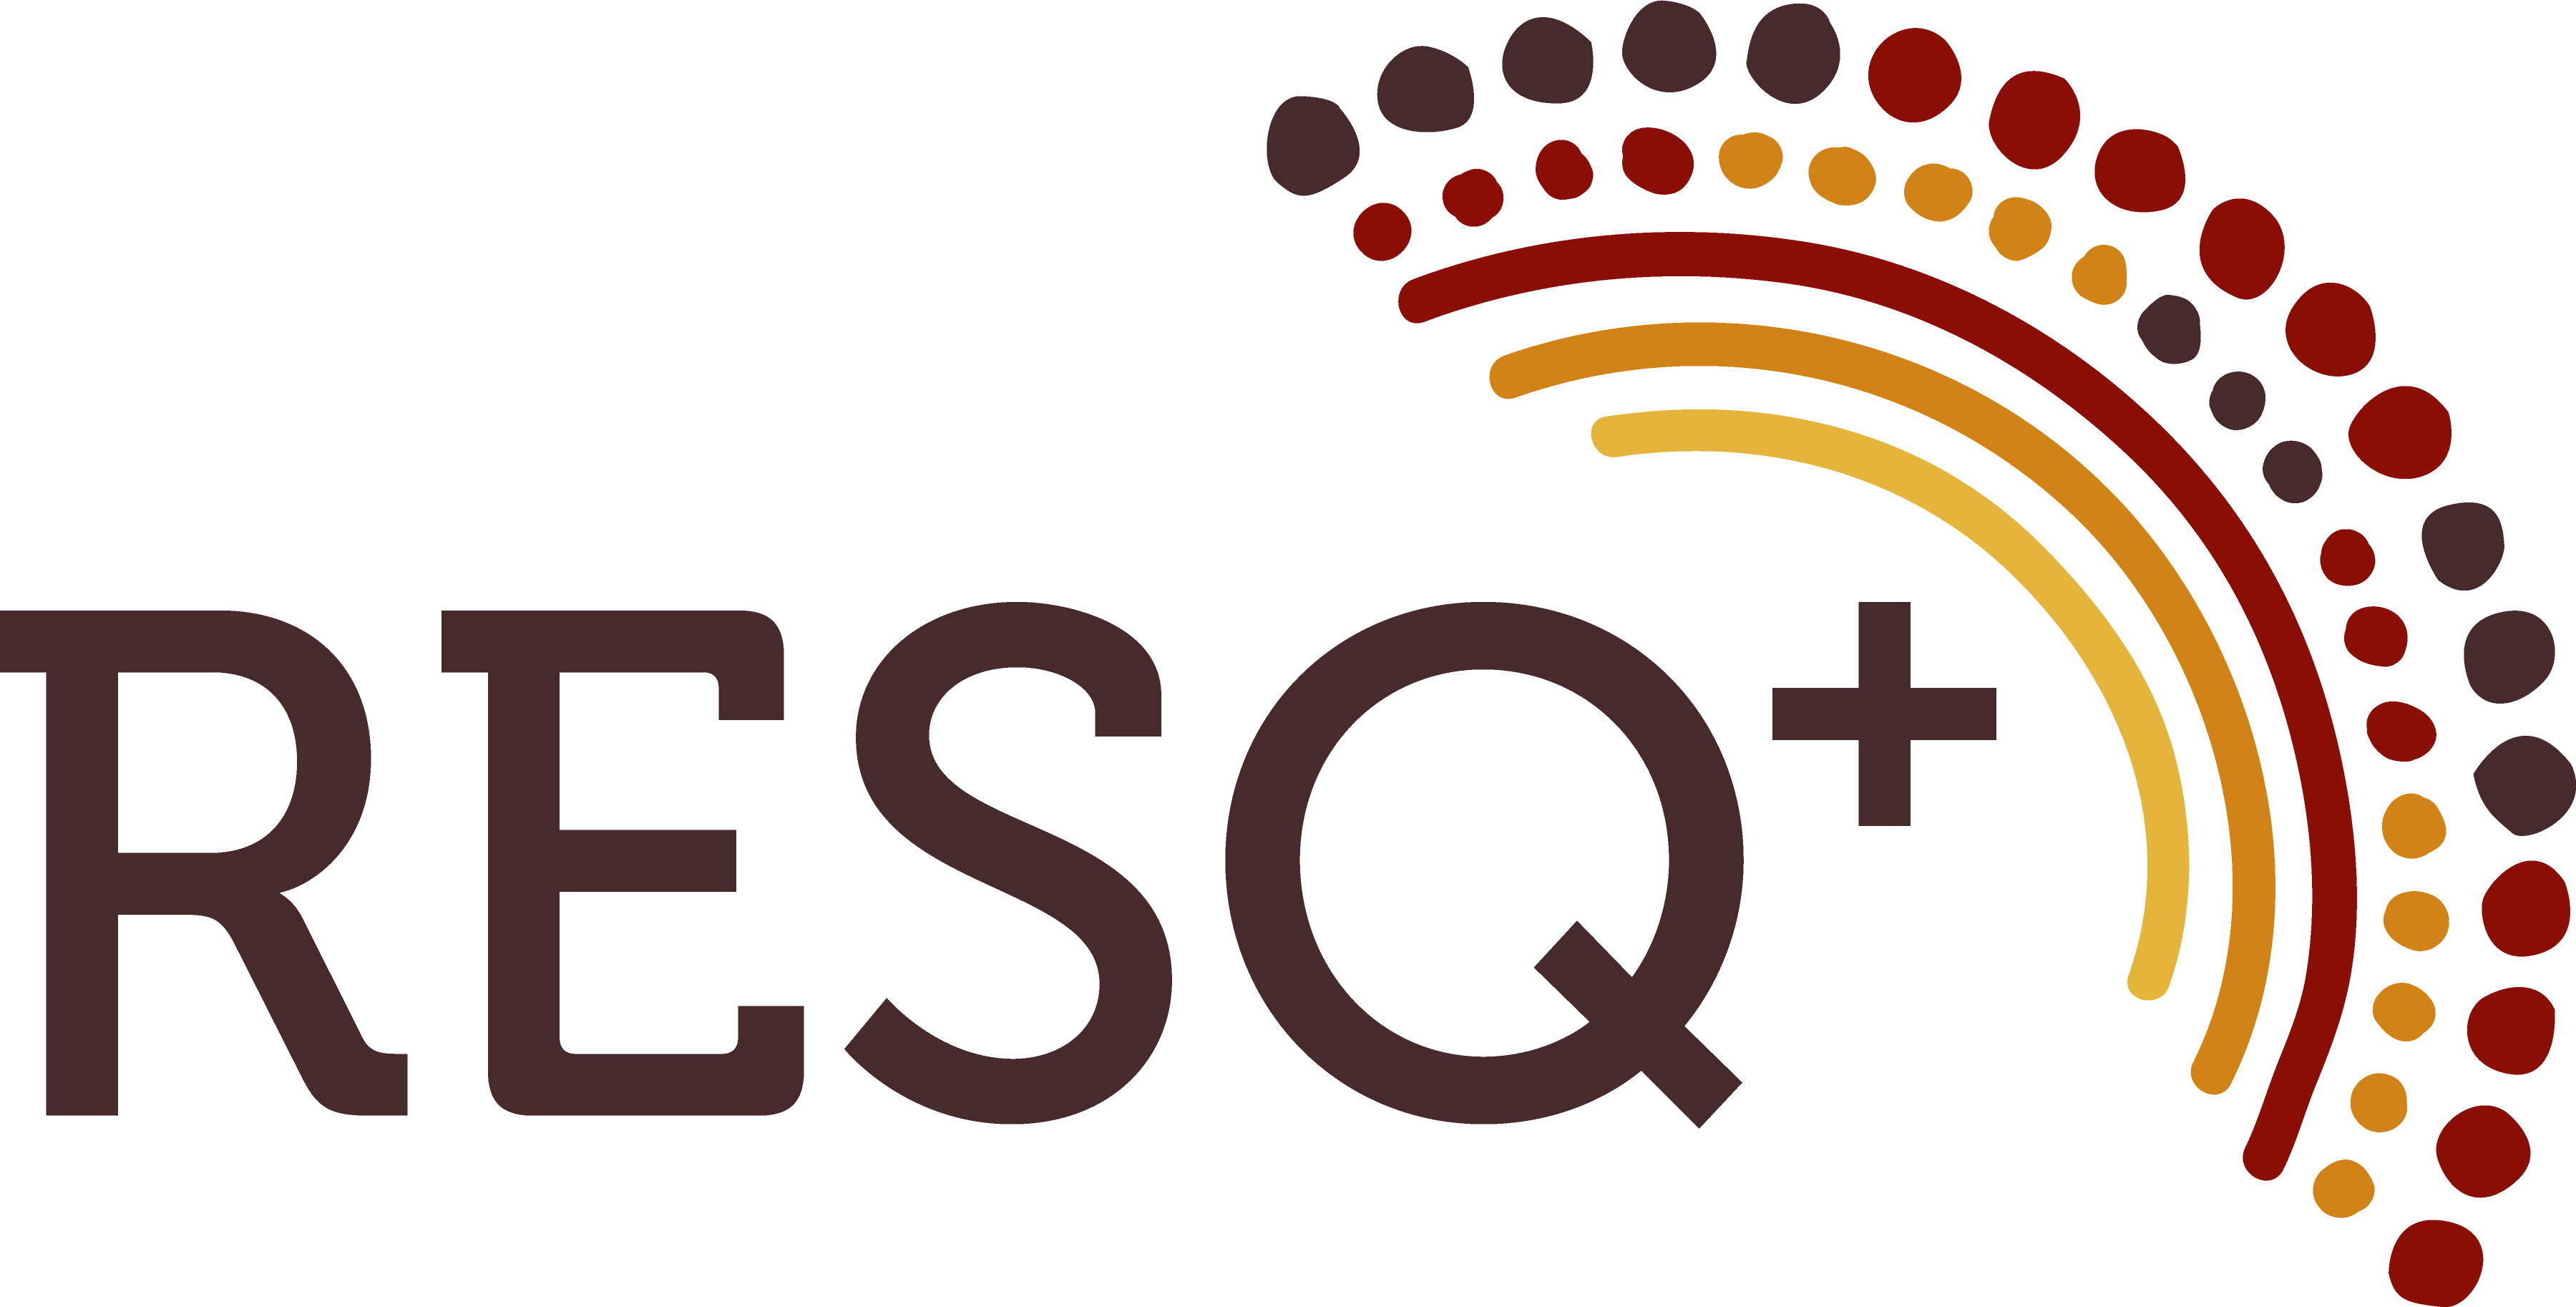 RESQ Plus